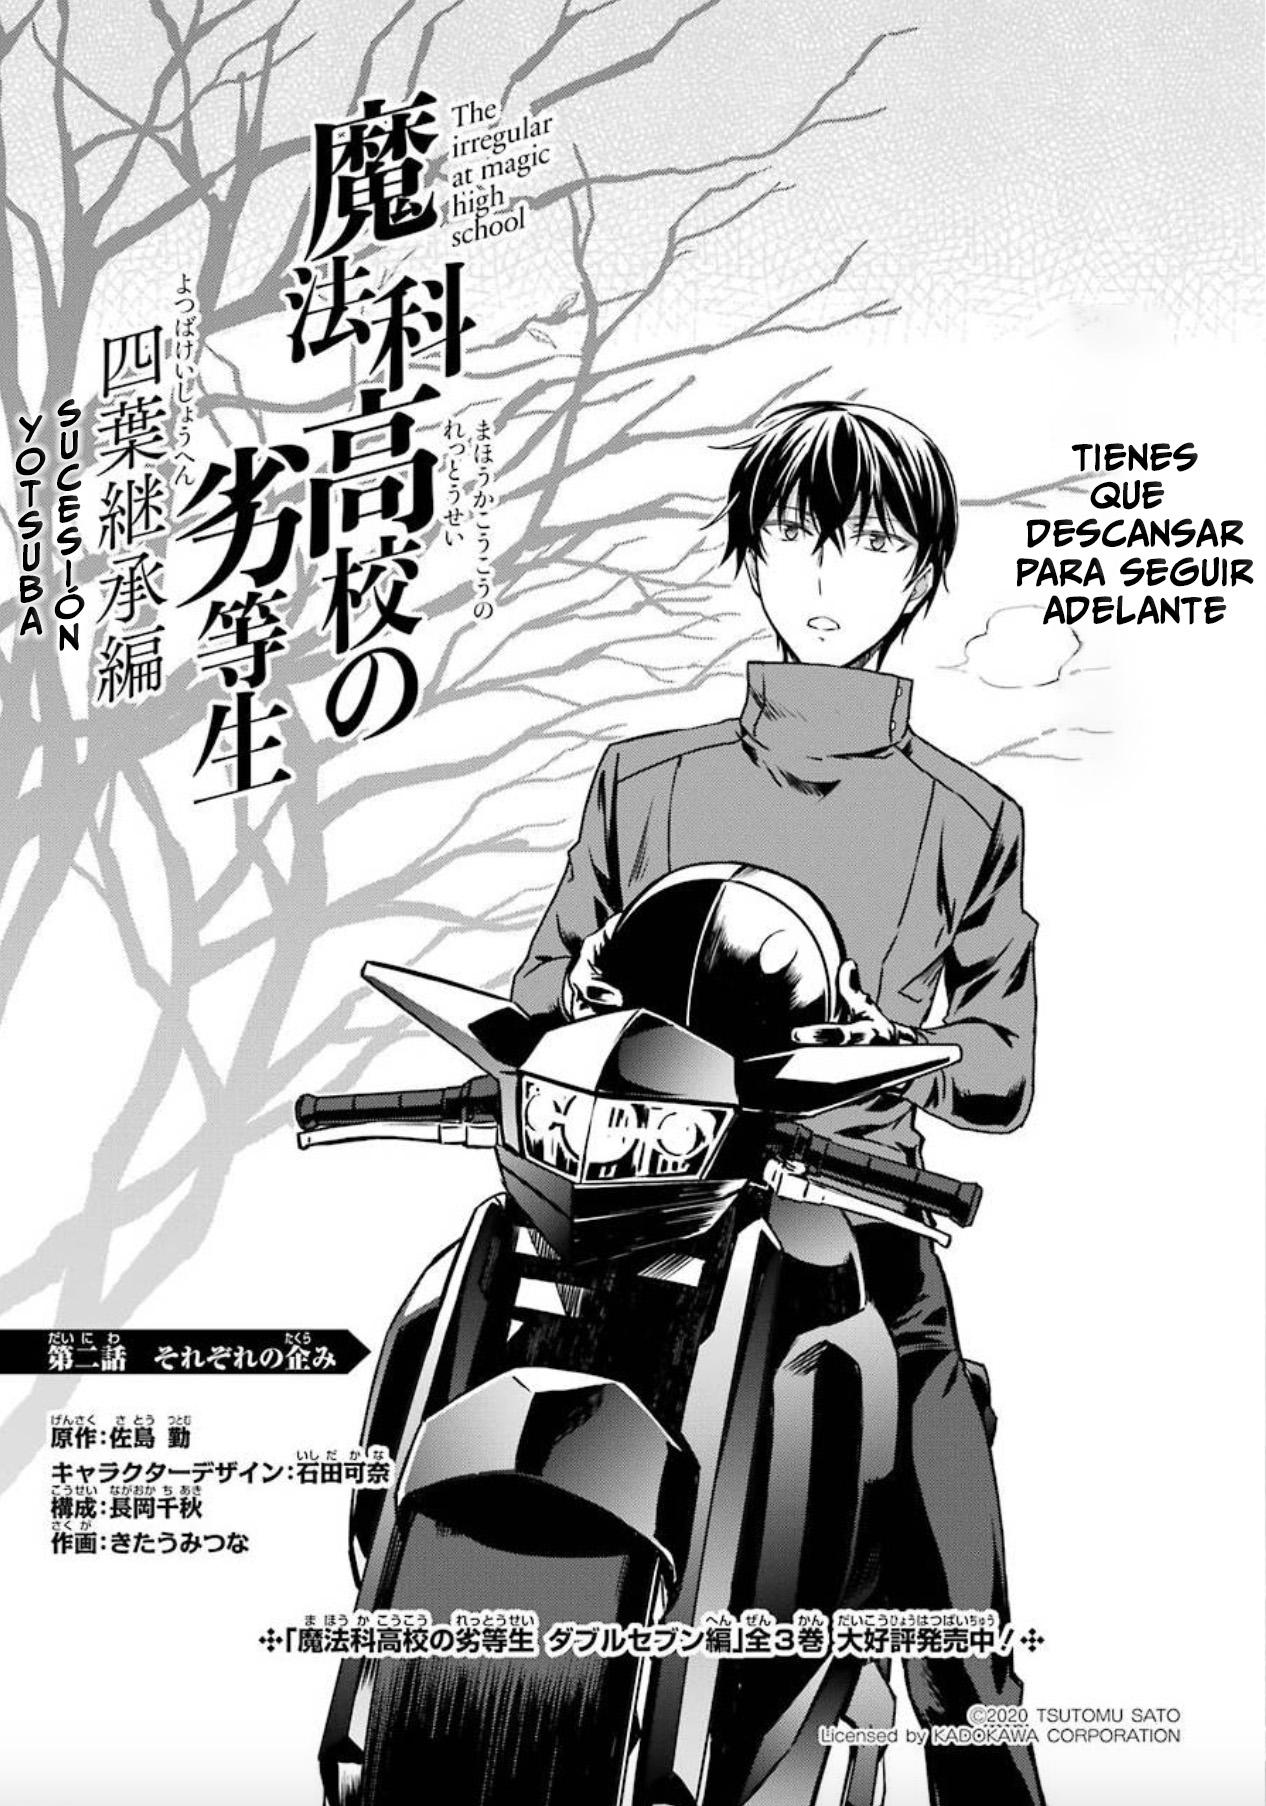 https://nine.mangadogs.com/es_manga/pic9/39/37159/962697/fbfe2df616b6864090539113663415f3.jpg Page 1